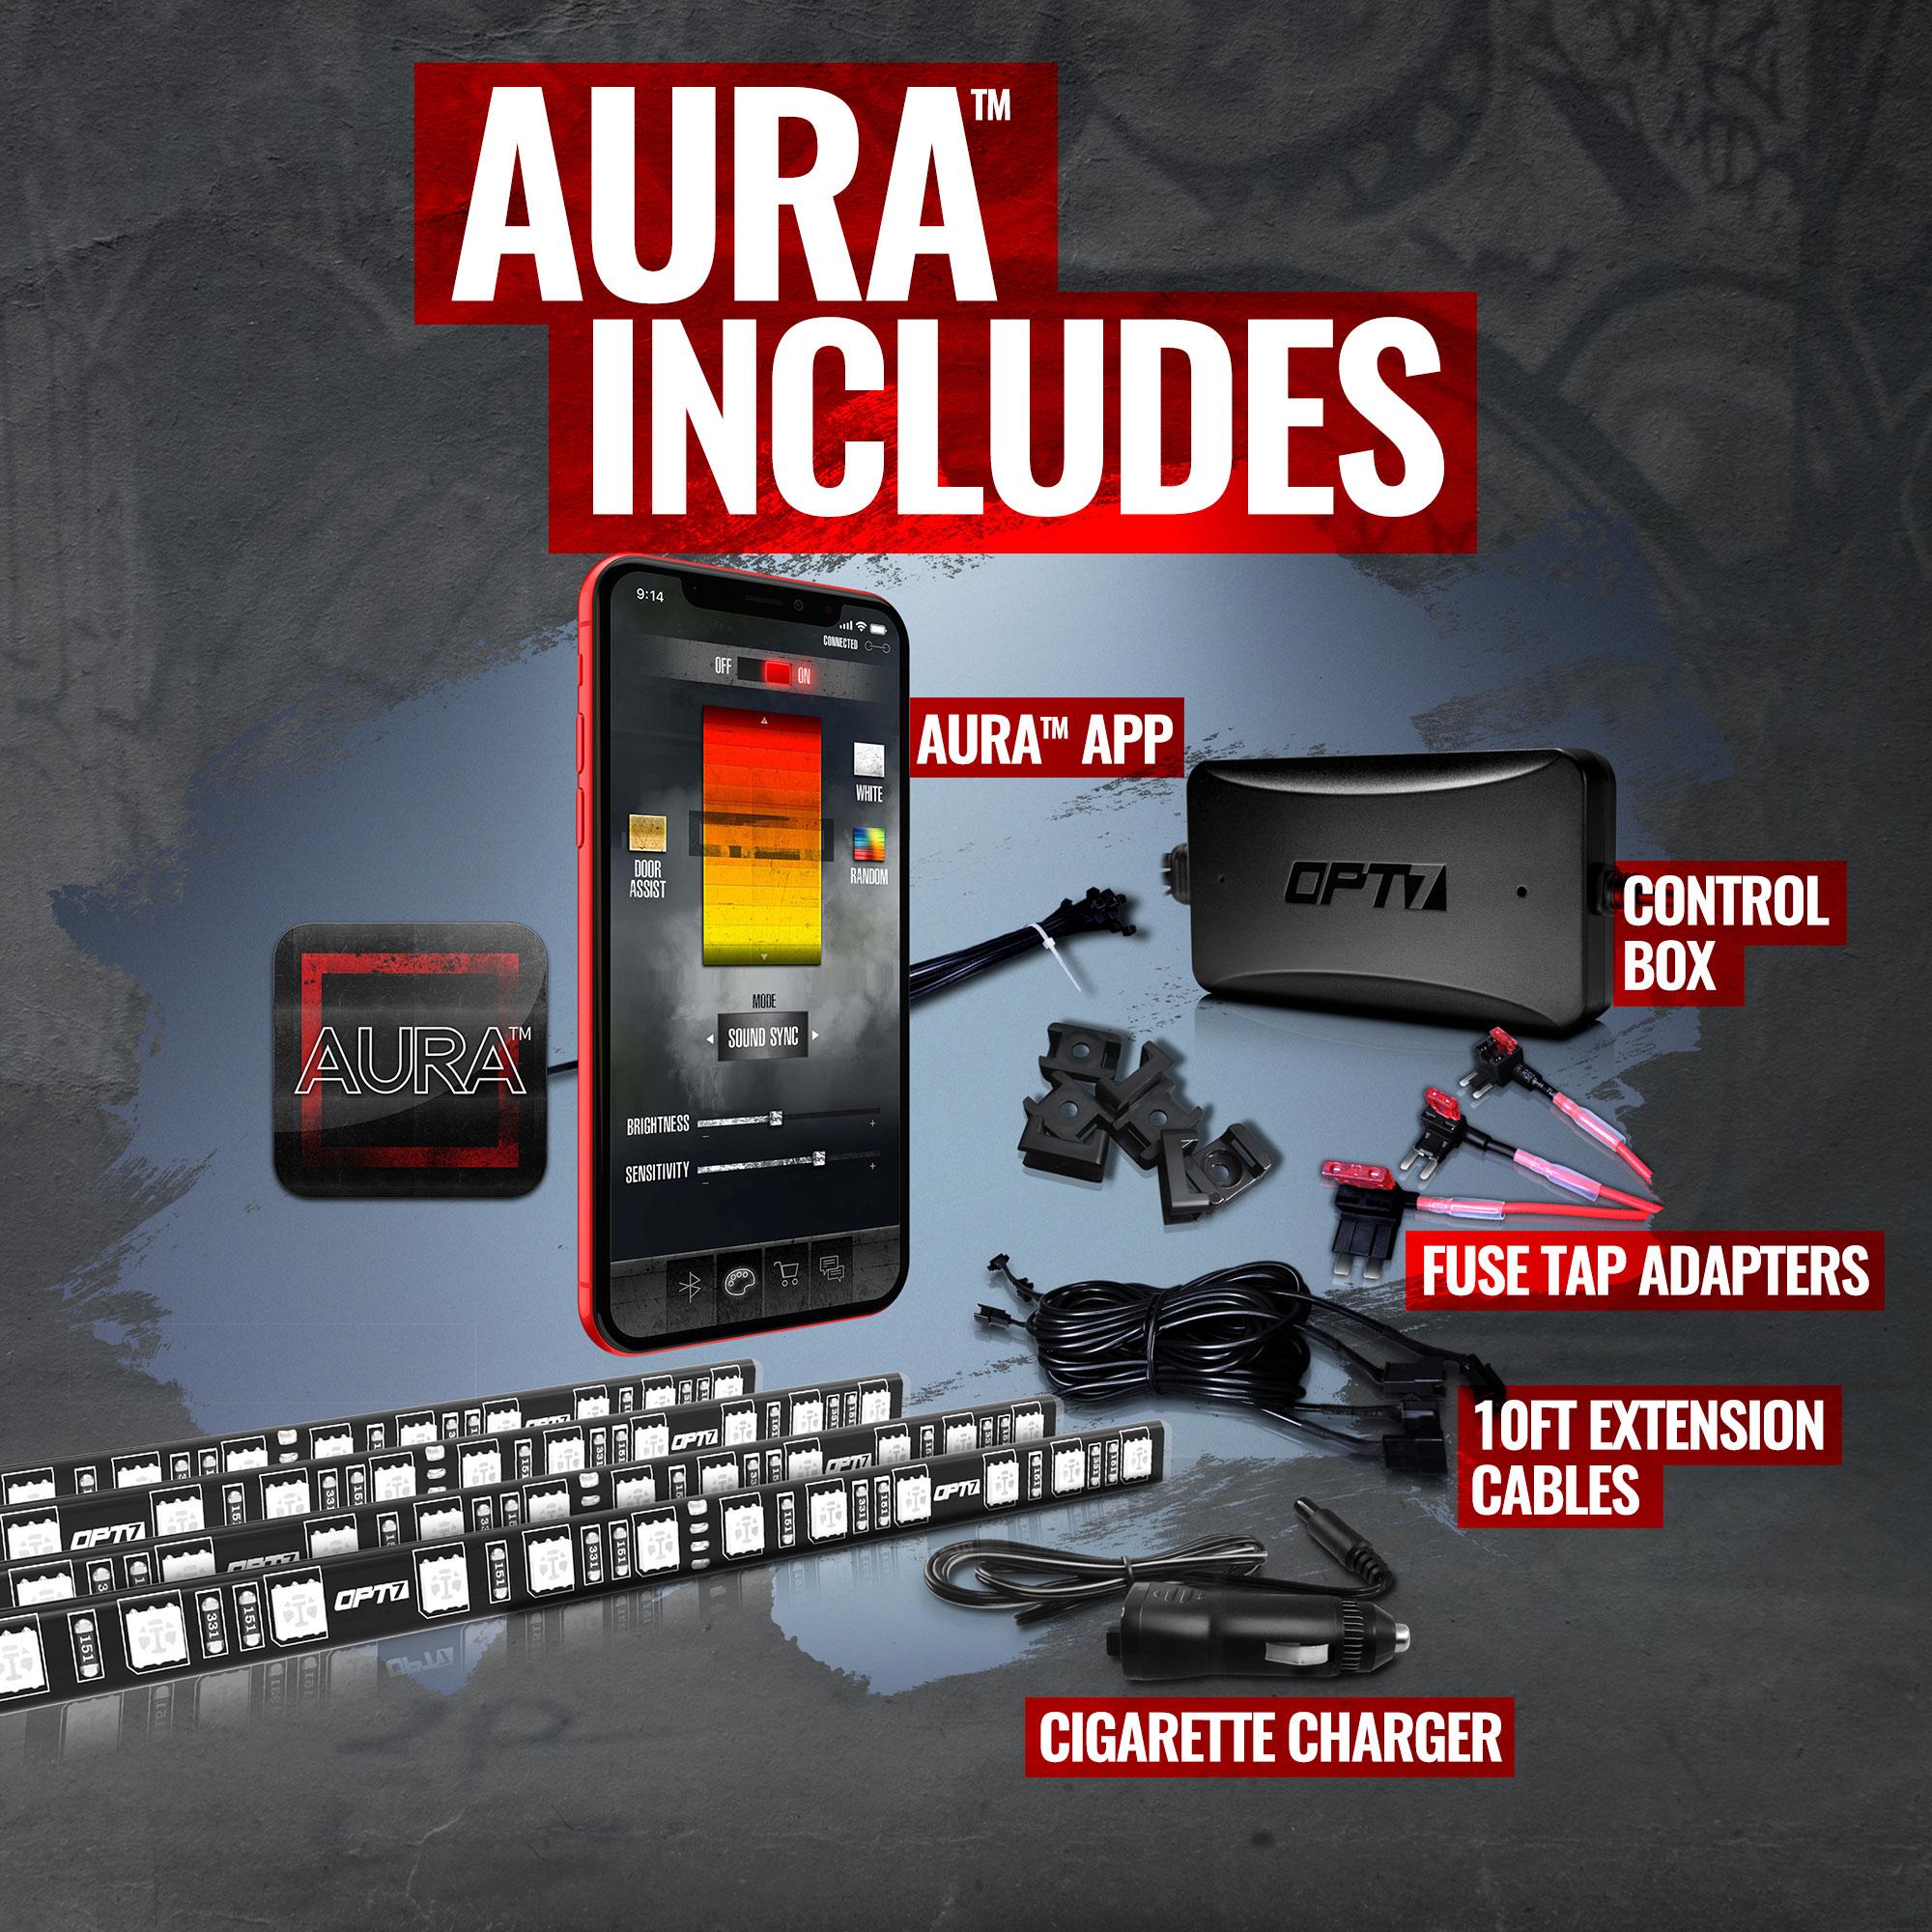 aura-grille-gallery-07.jpg